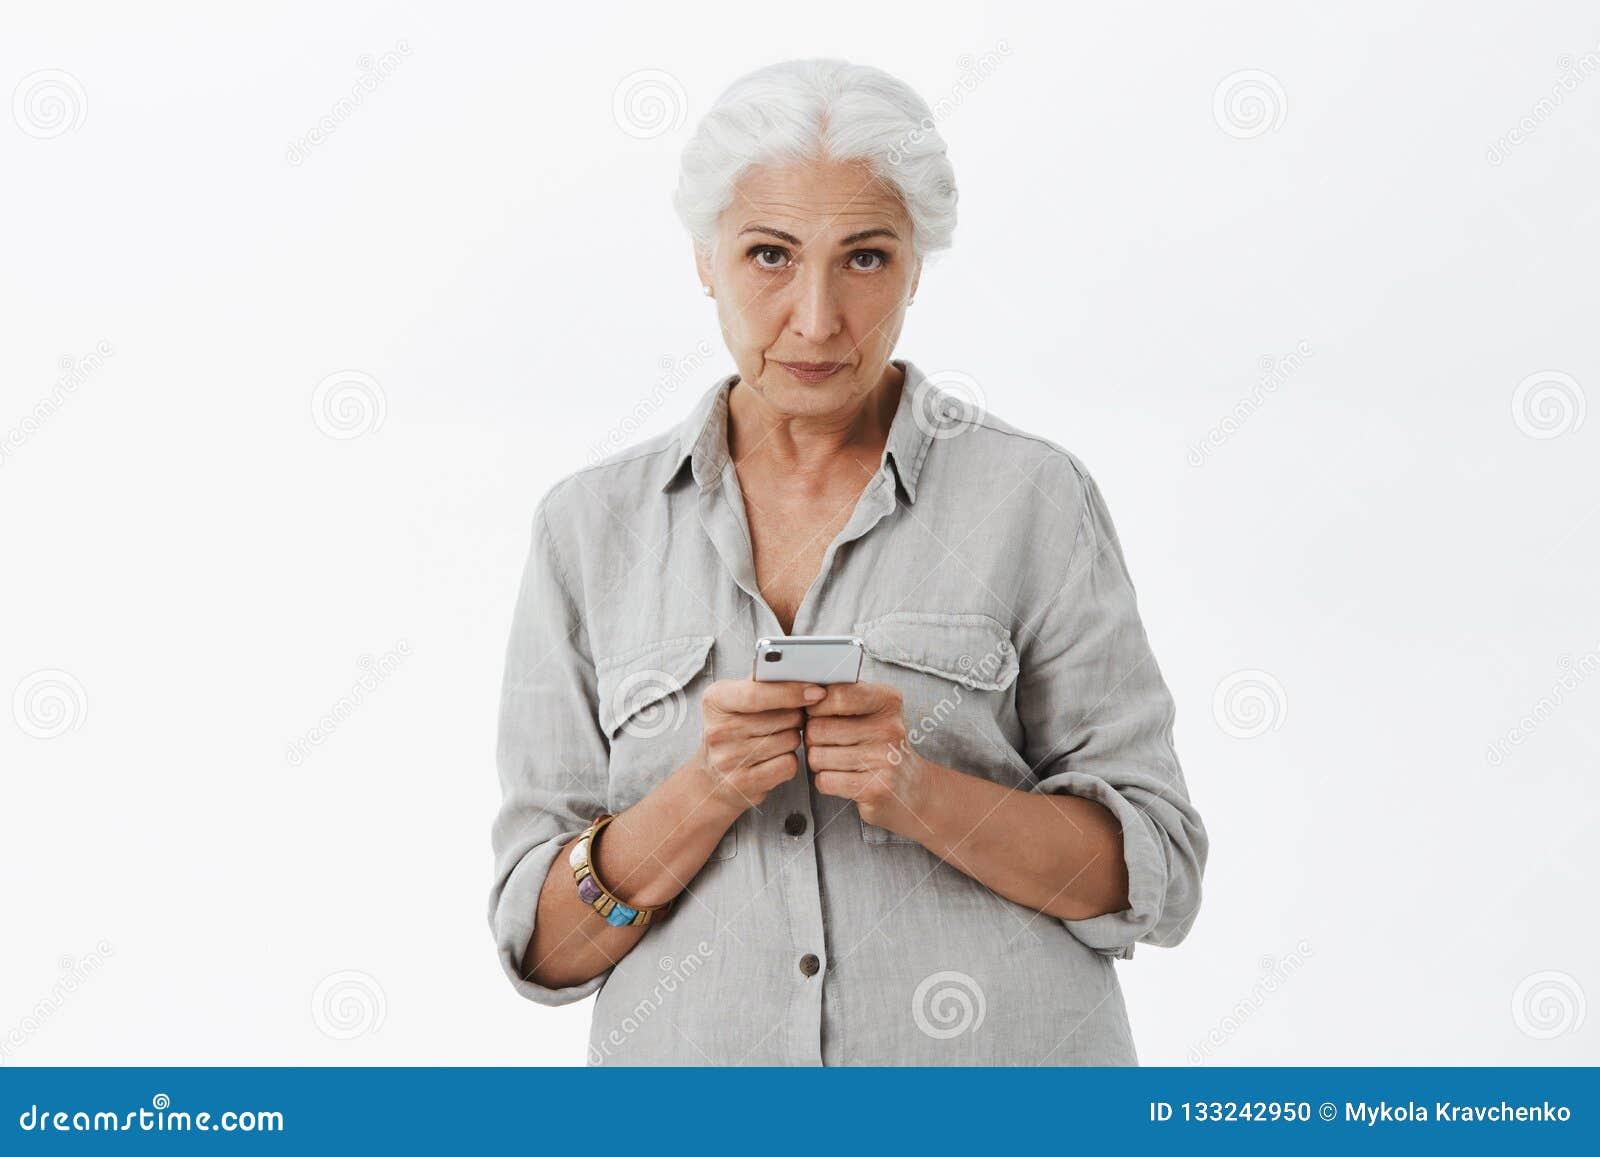 镇静和serious-looking被激怒的资深妇女室内射击有看与蔑视形式的灰色头发的在前额下